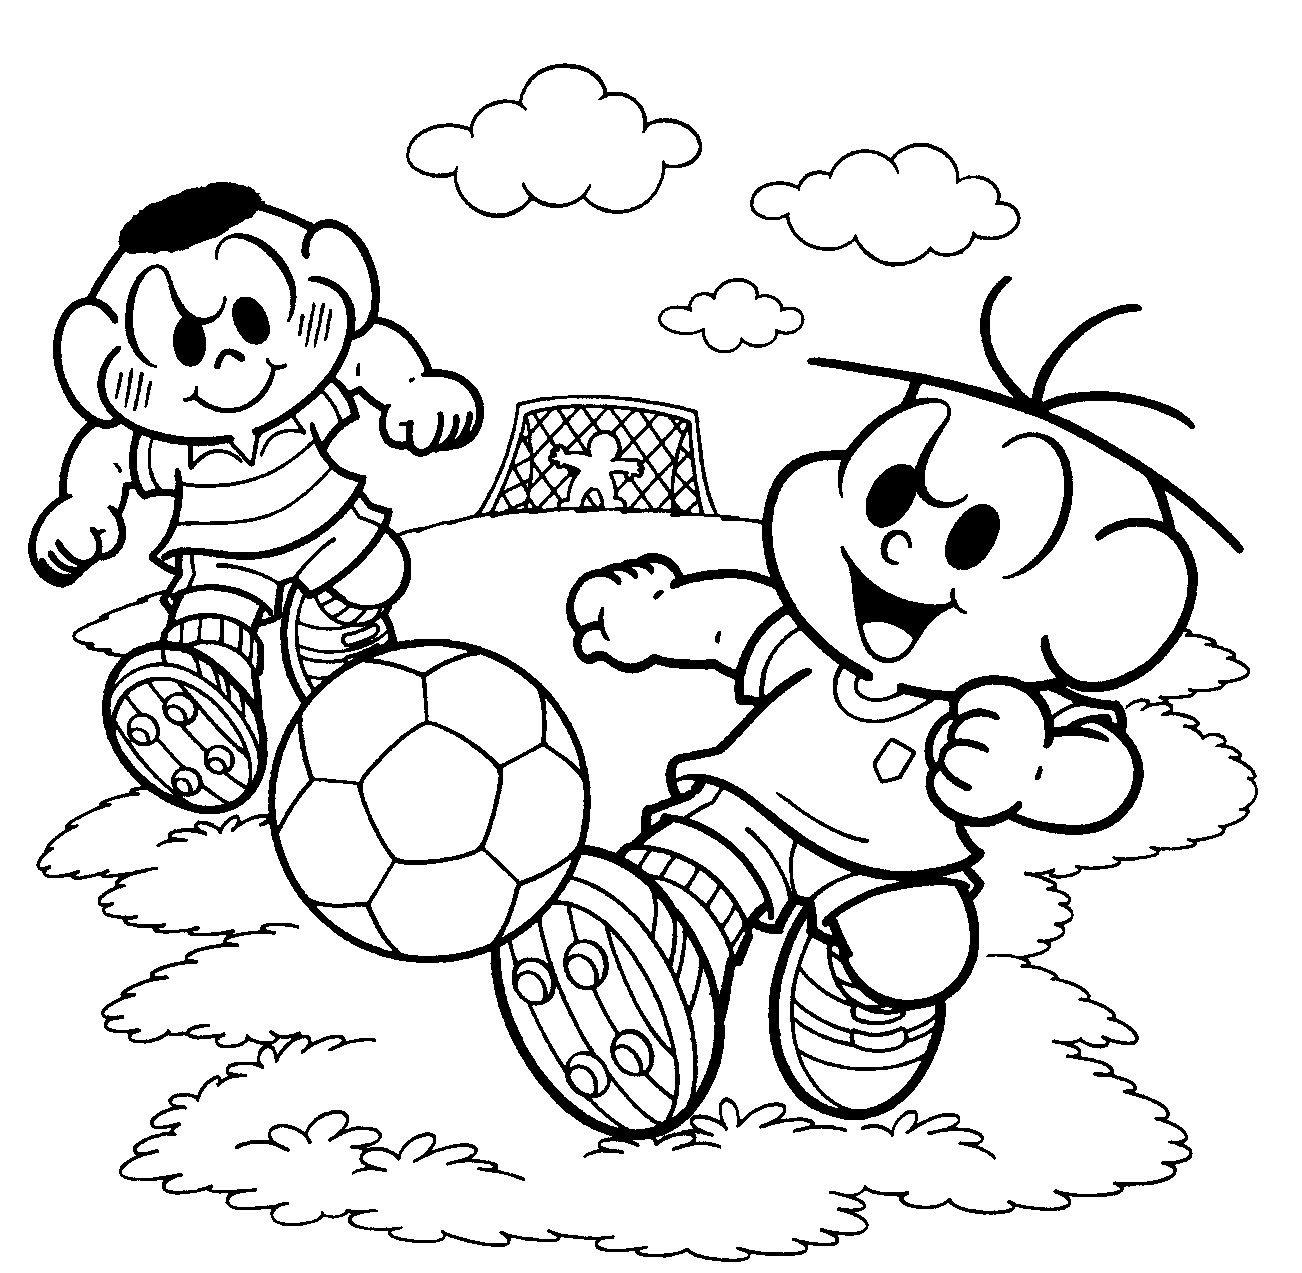 Cascão E Cebolinha Jogando Bola – Desenhos Para Colorir